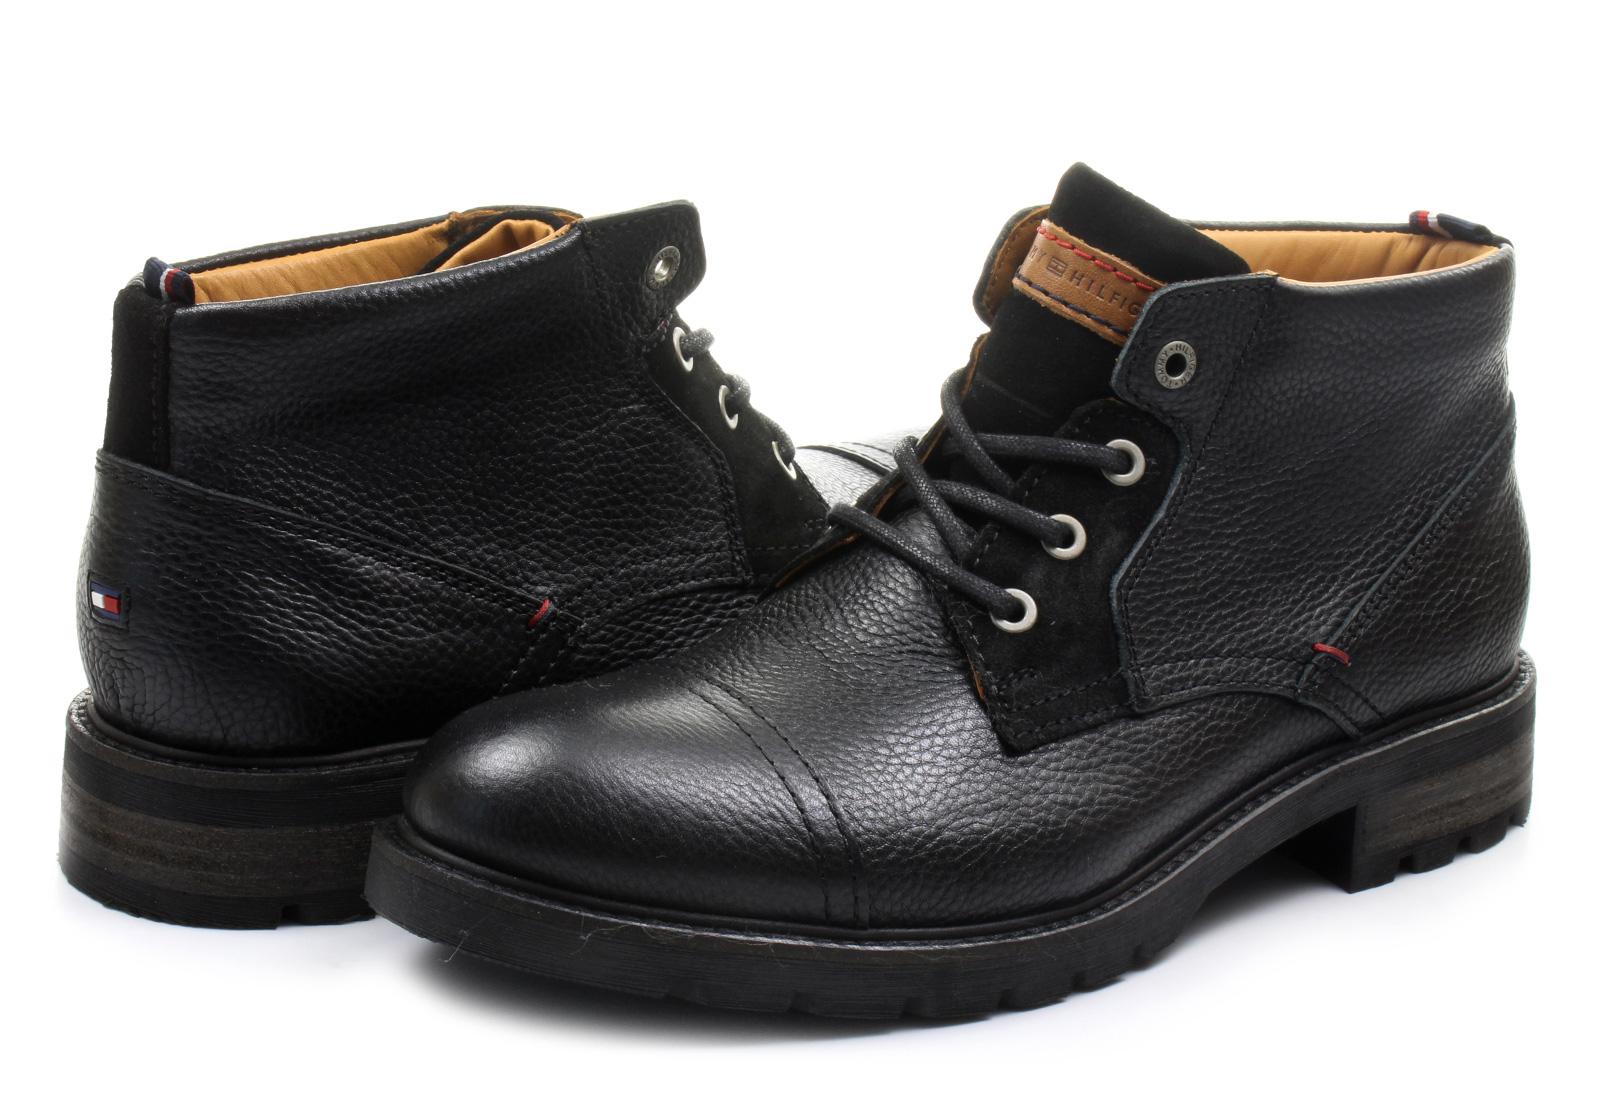 tommy hilfiger boots curtis 5a 15f 9595 990 online. Black Bedroom Furniture Sets. Home Design Ideas